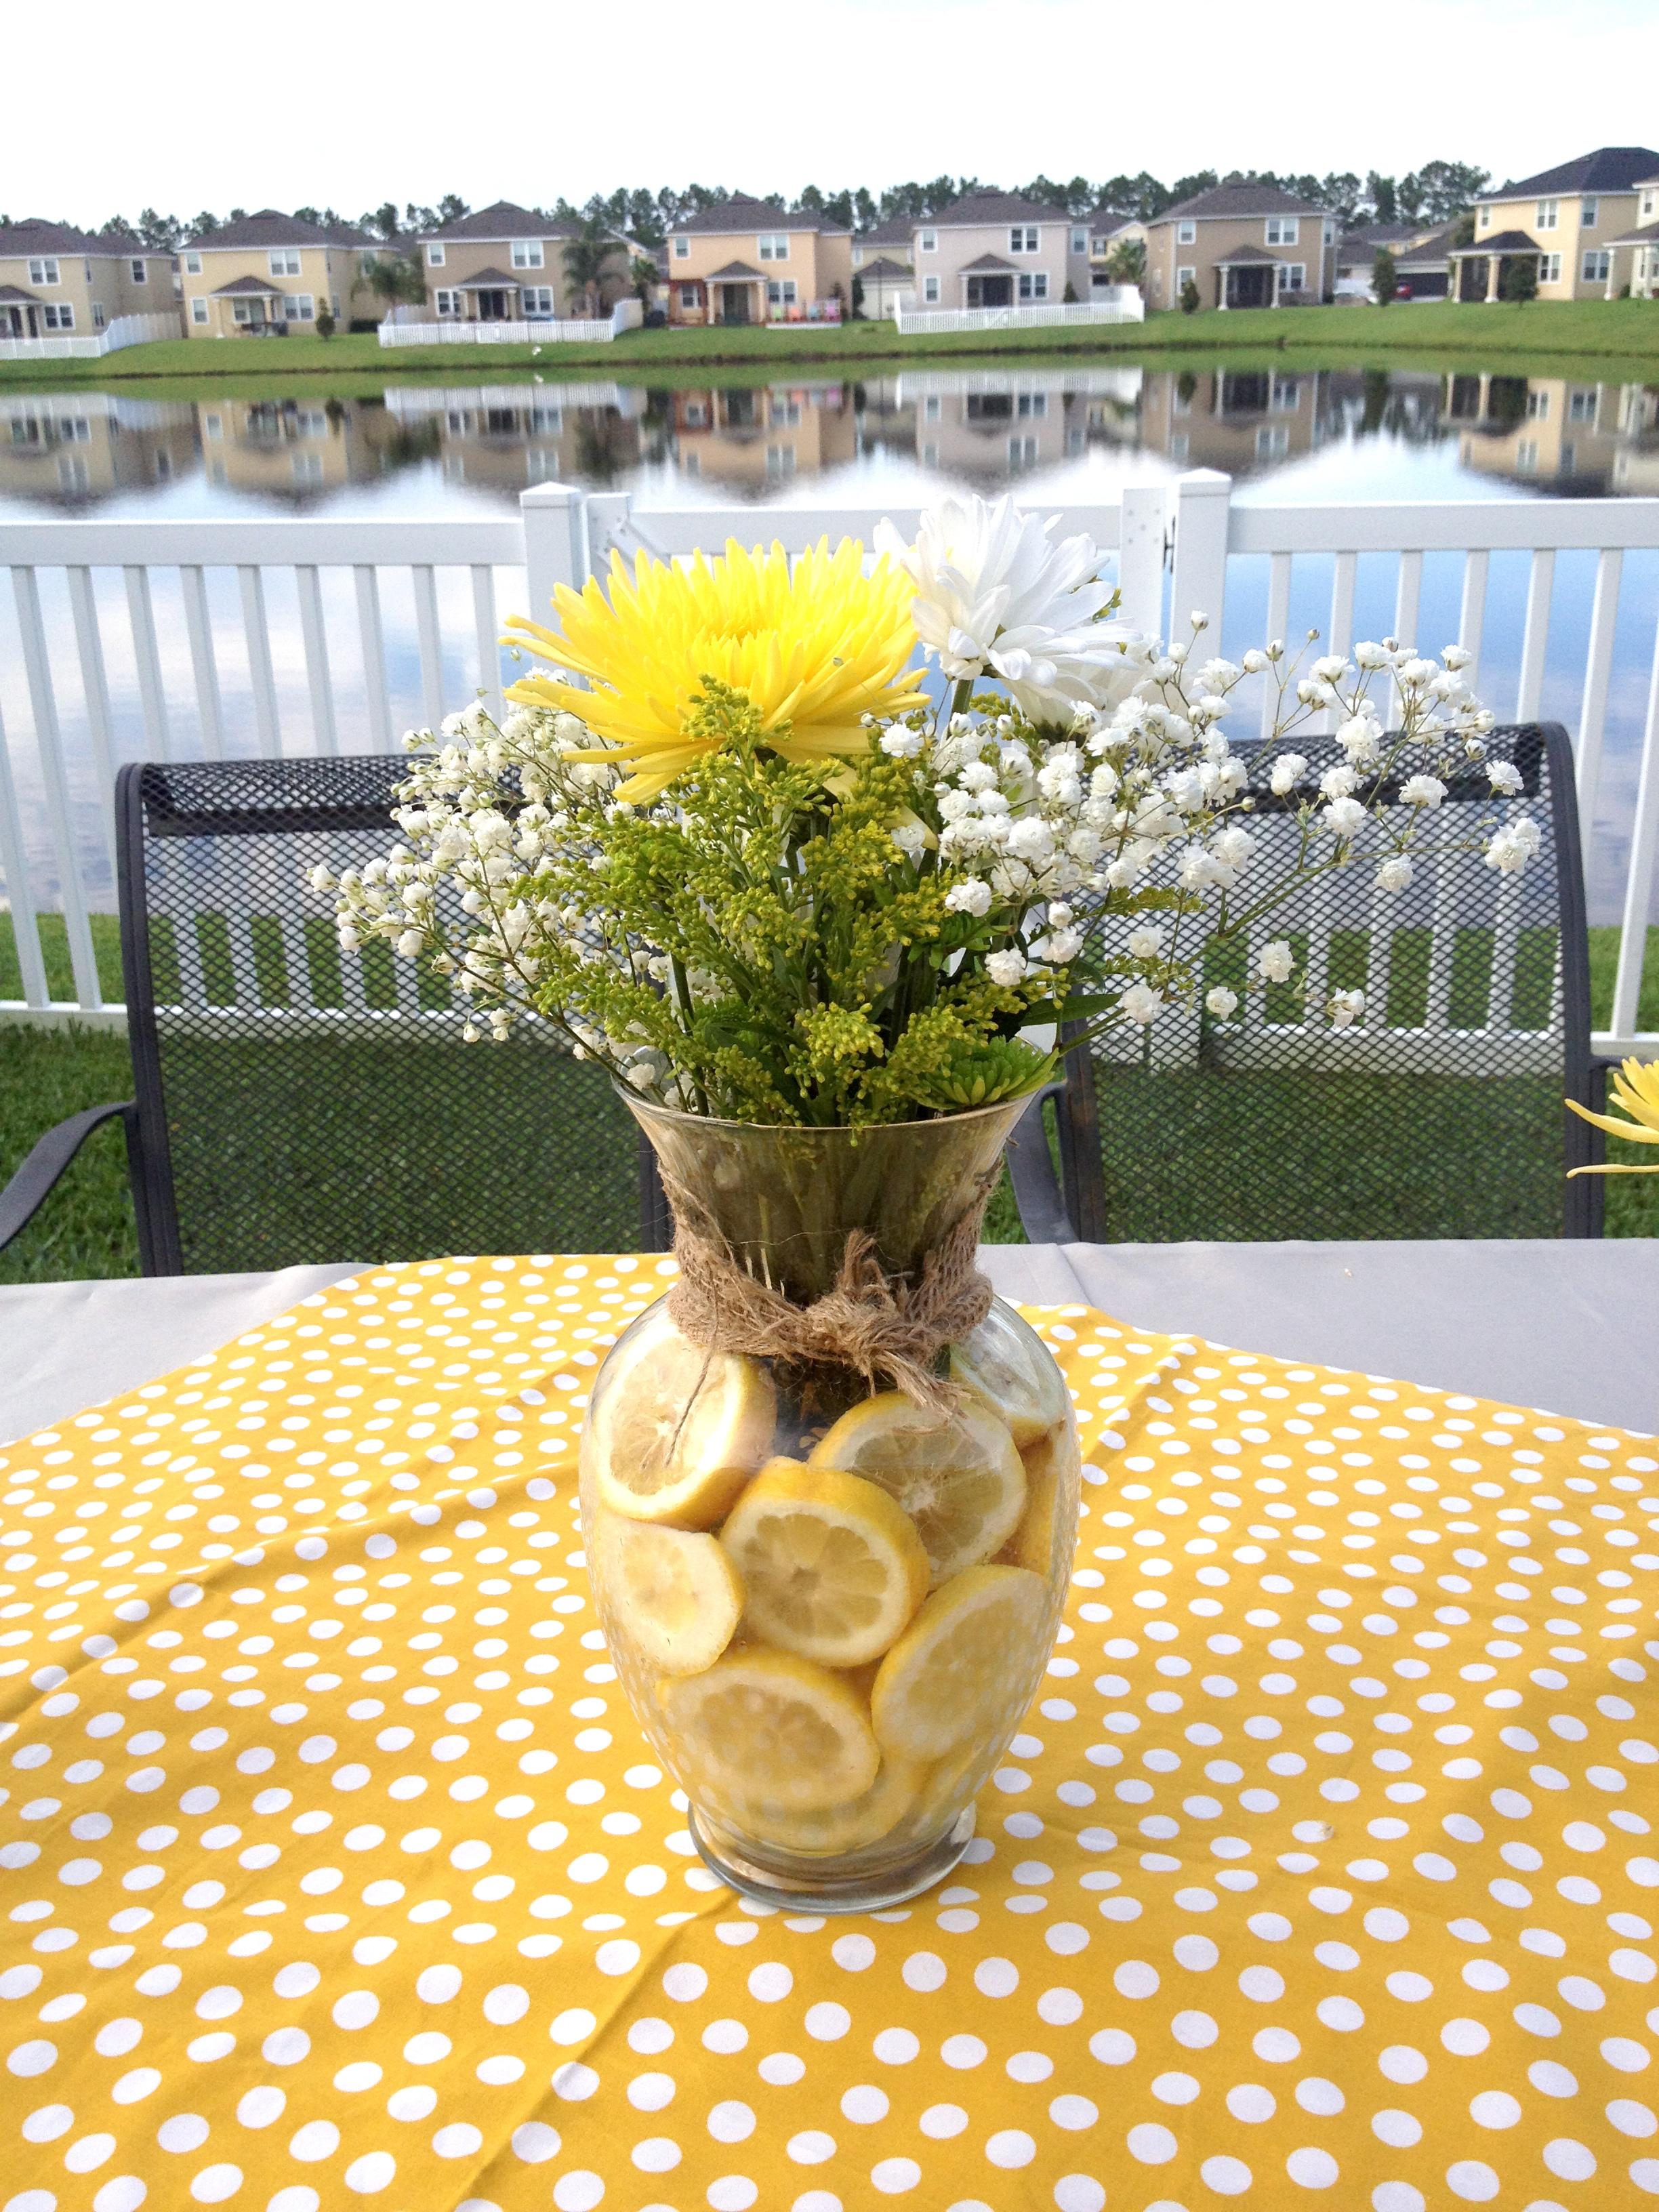 Lemons as Vase Filler in Flower Arrangements